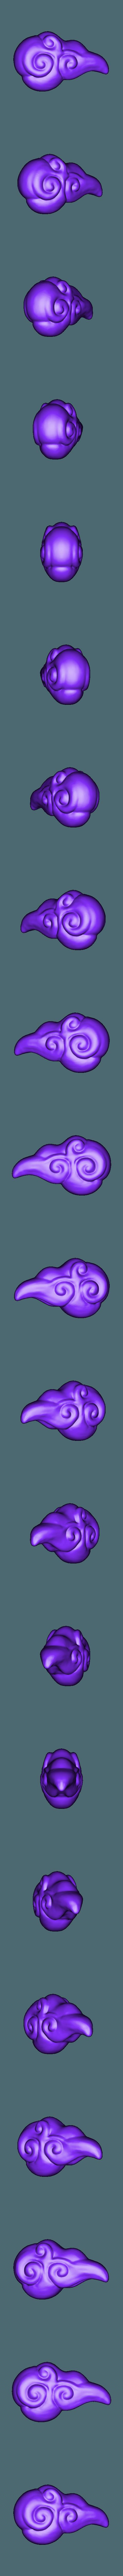 Cloud_003.stl Download STL file Asian Cloud n°3 • 3D print template, LeKid